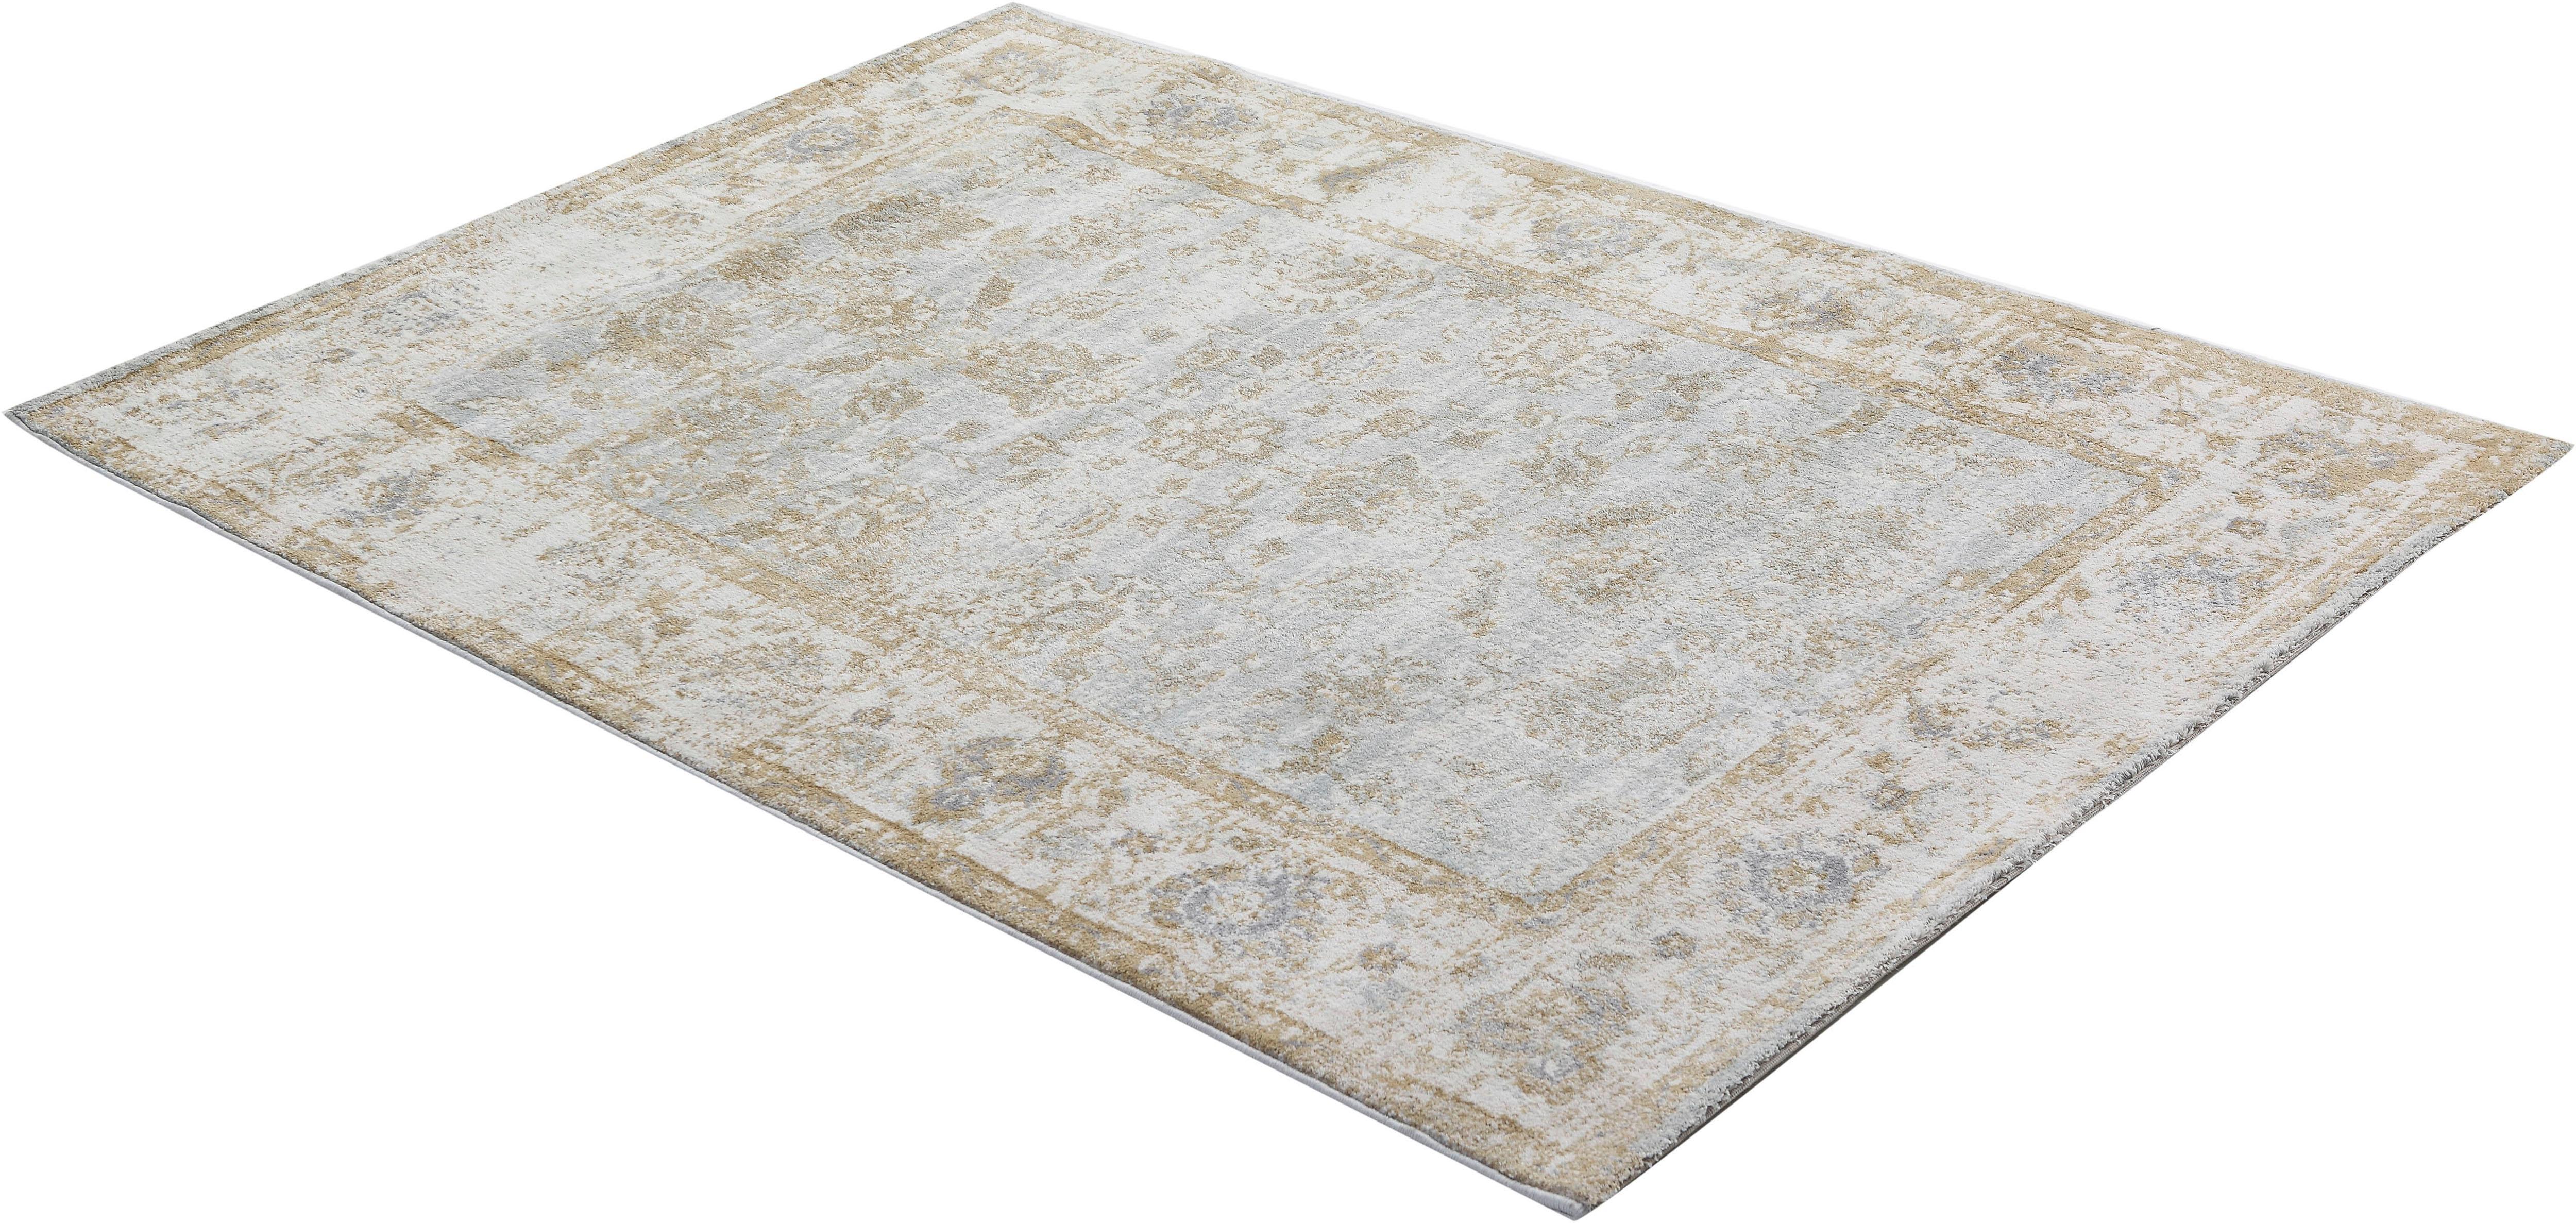 Teppich Anna Maria Flower Gino Falcone rechteckig Höhe 20 mm maschinell gewebt